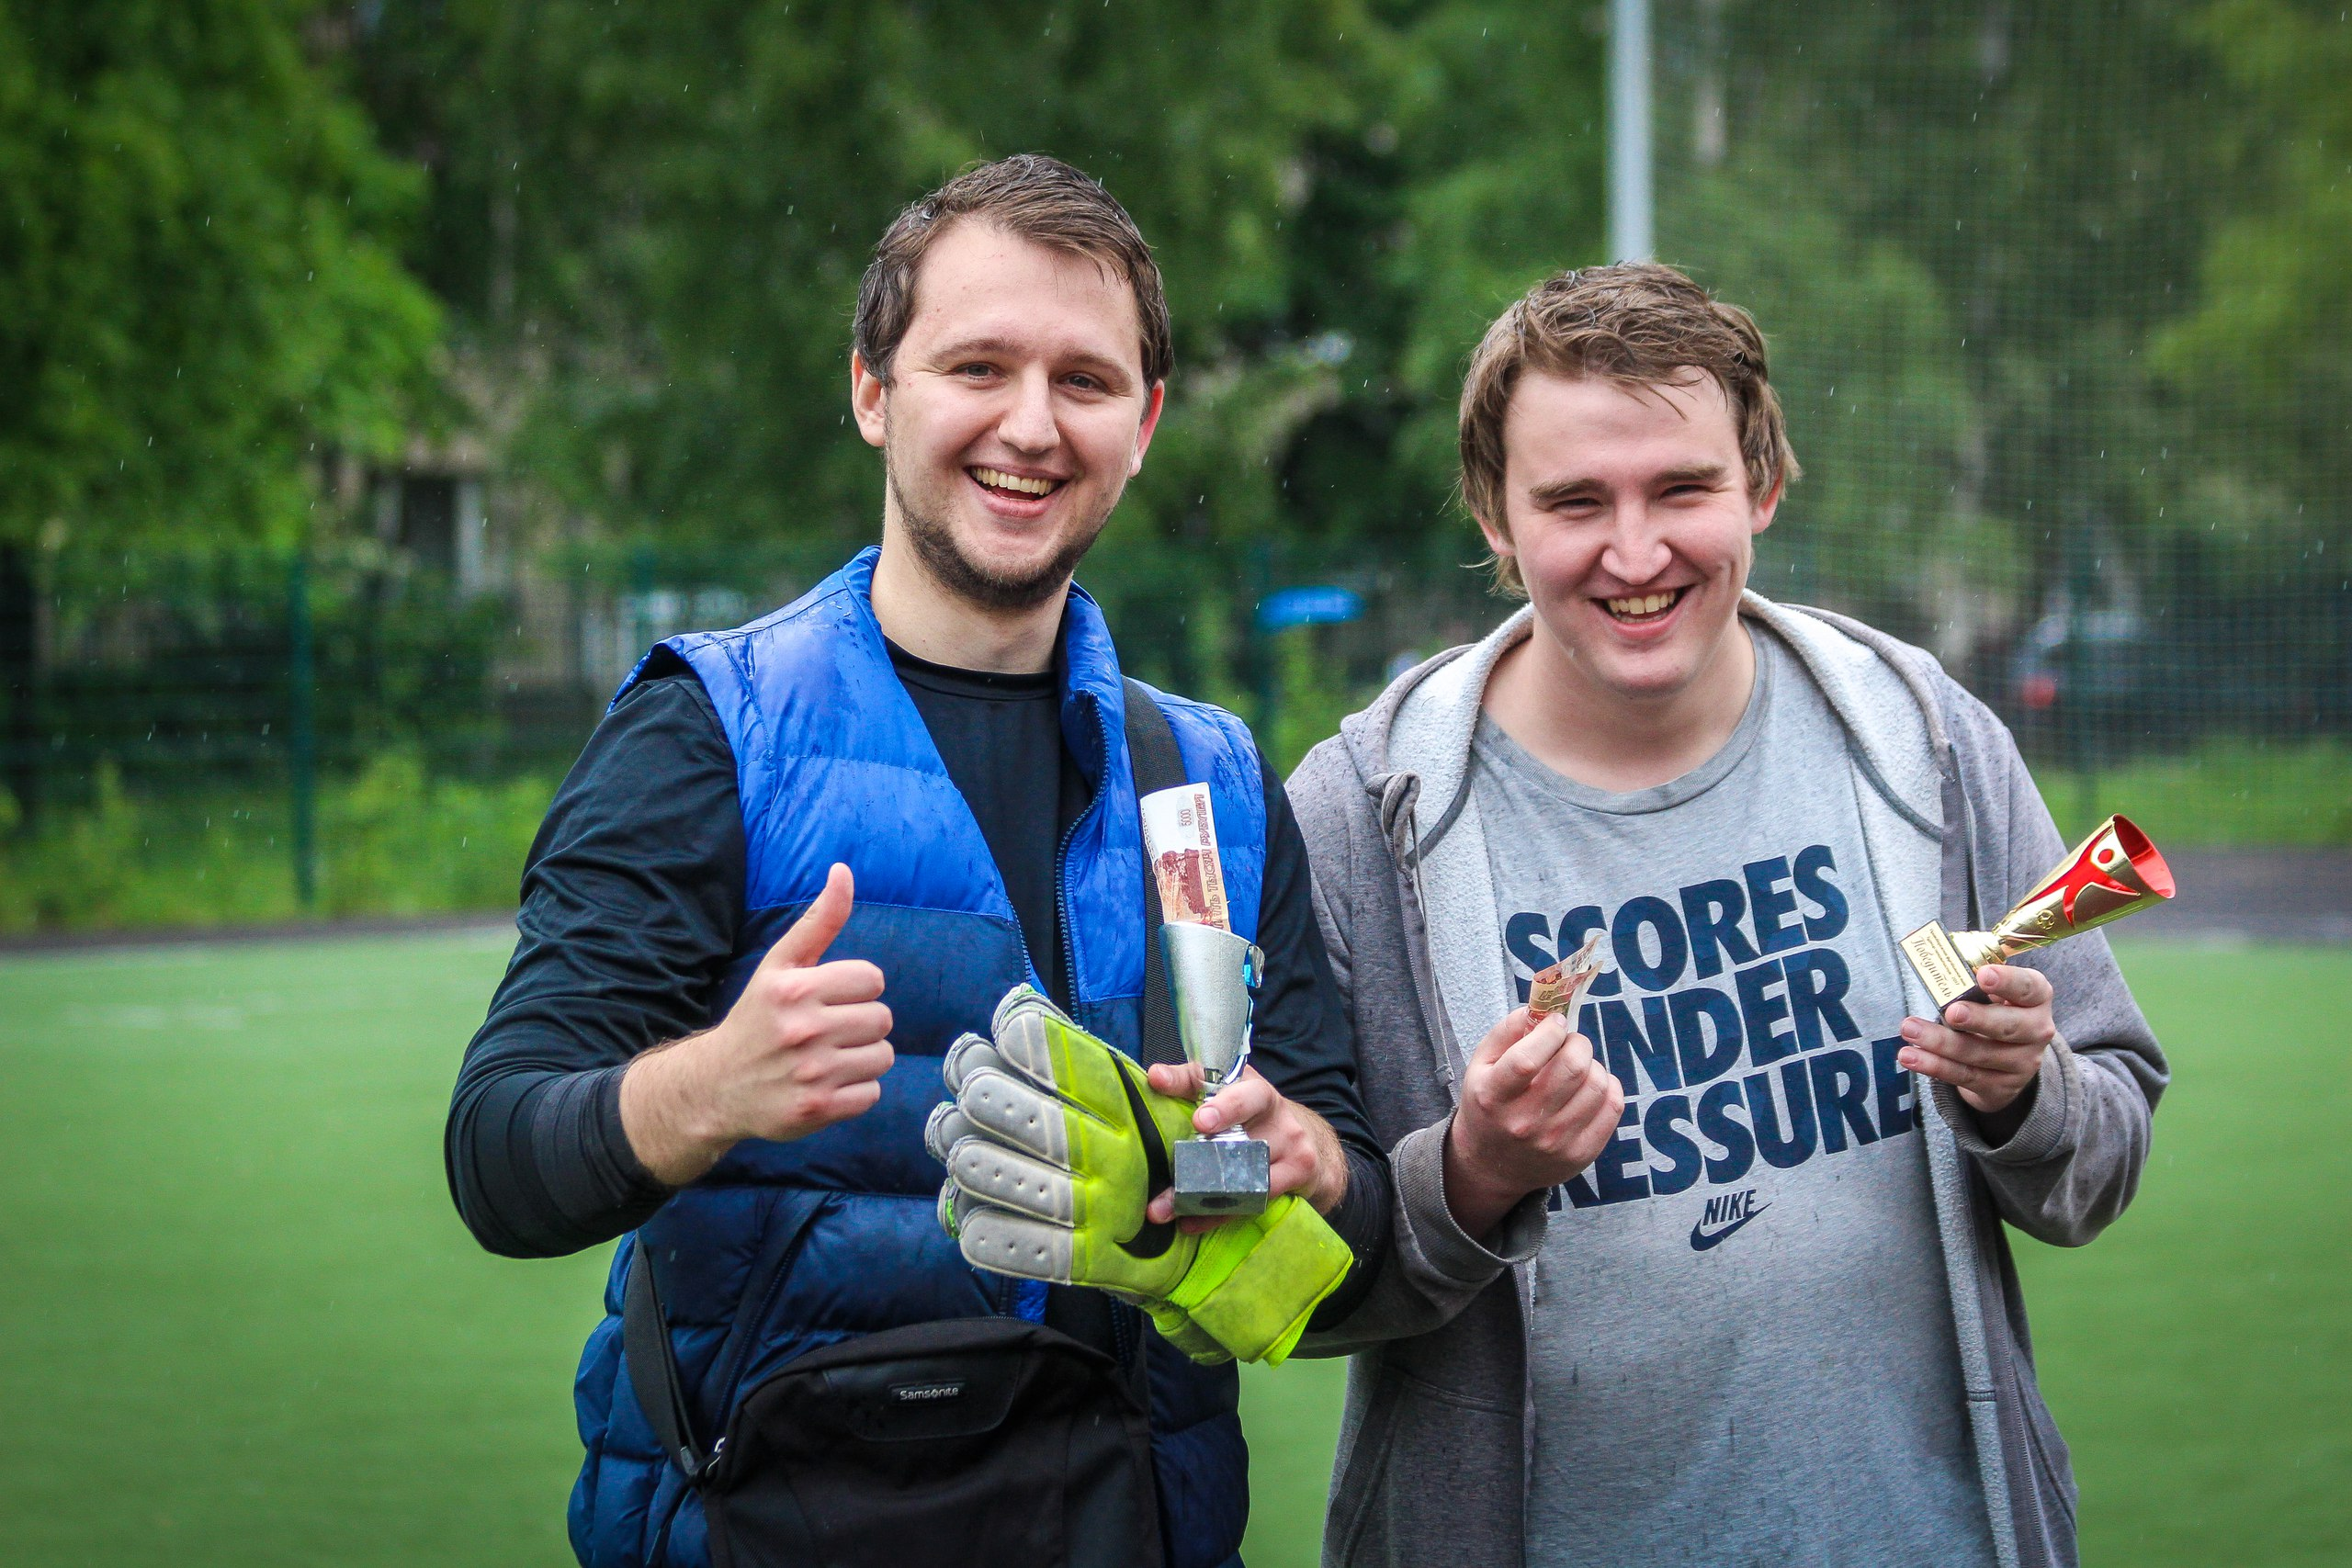 Федор Фукалов и Максим Анциферов - победители турнира пенальтистов 2017!